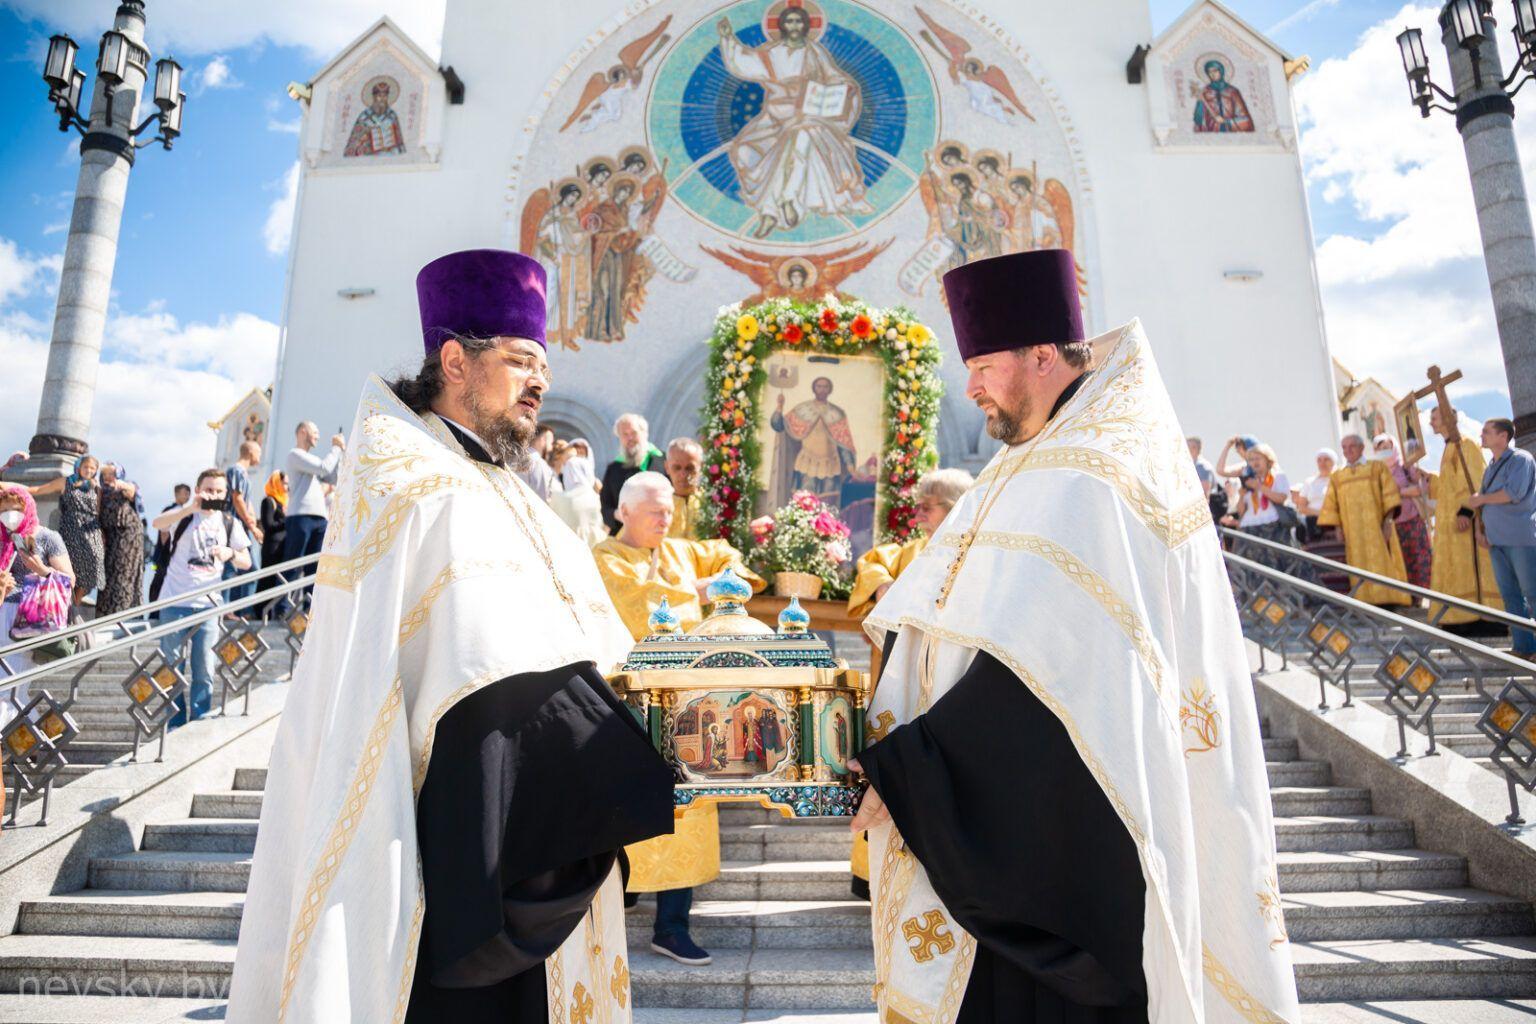 В Минске прошел крестный ход по случаю празднования 800-летия со дня рождения благоверного князя Александра Невского